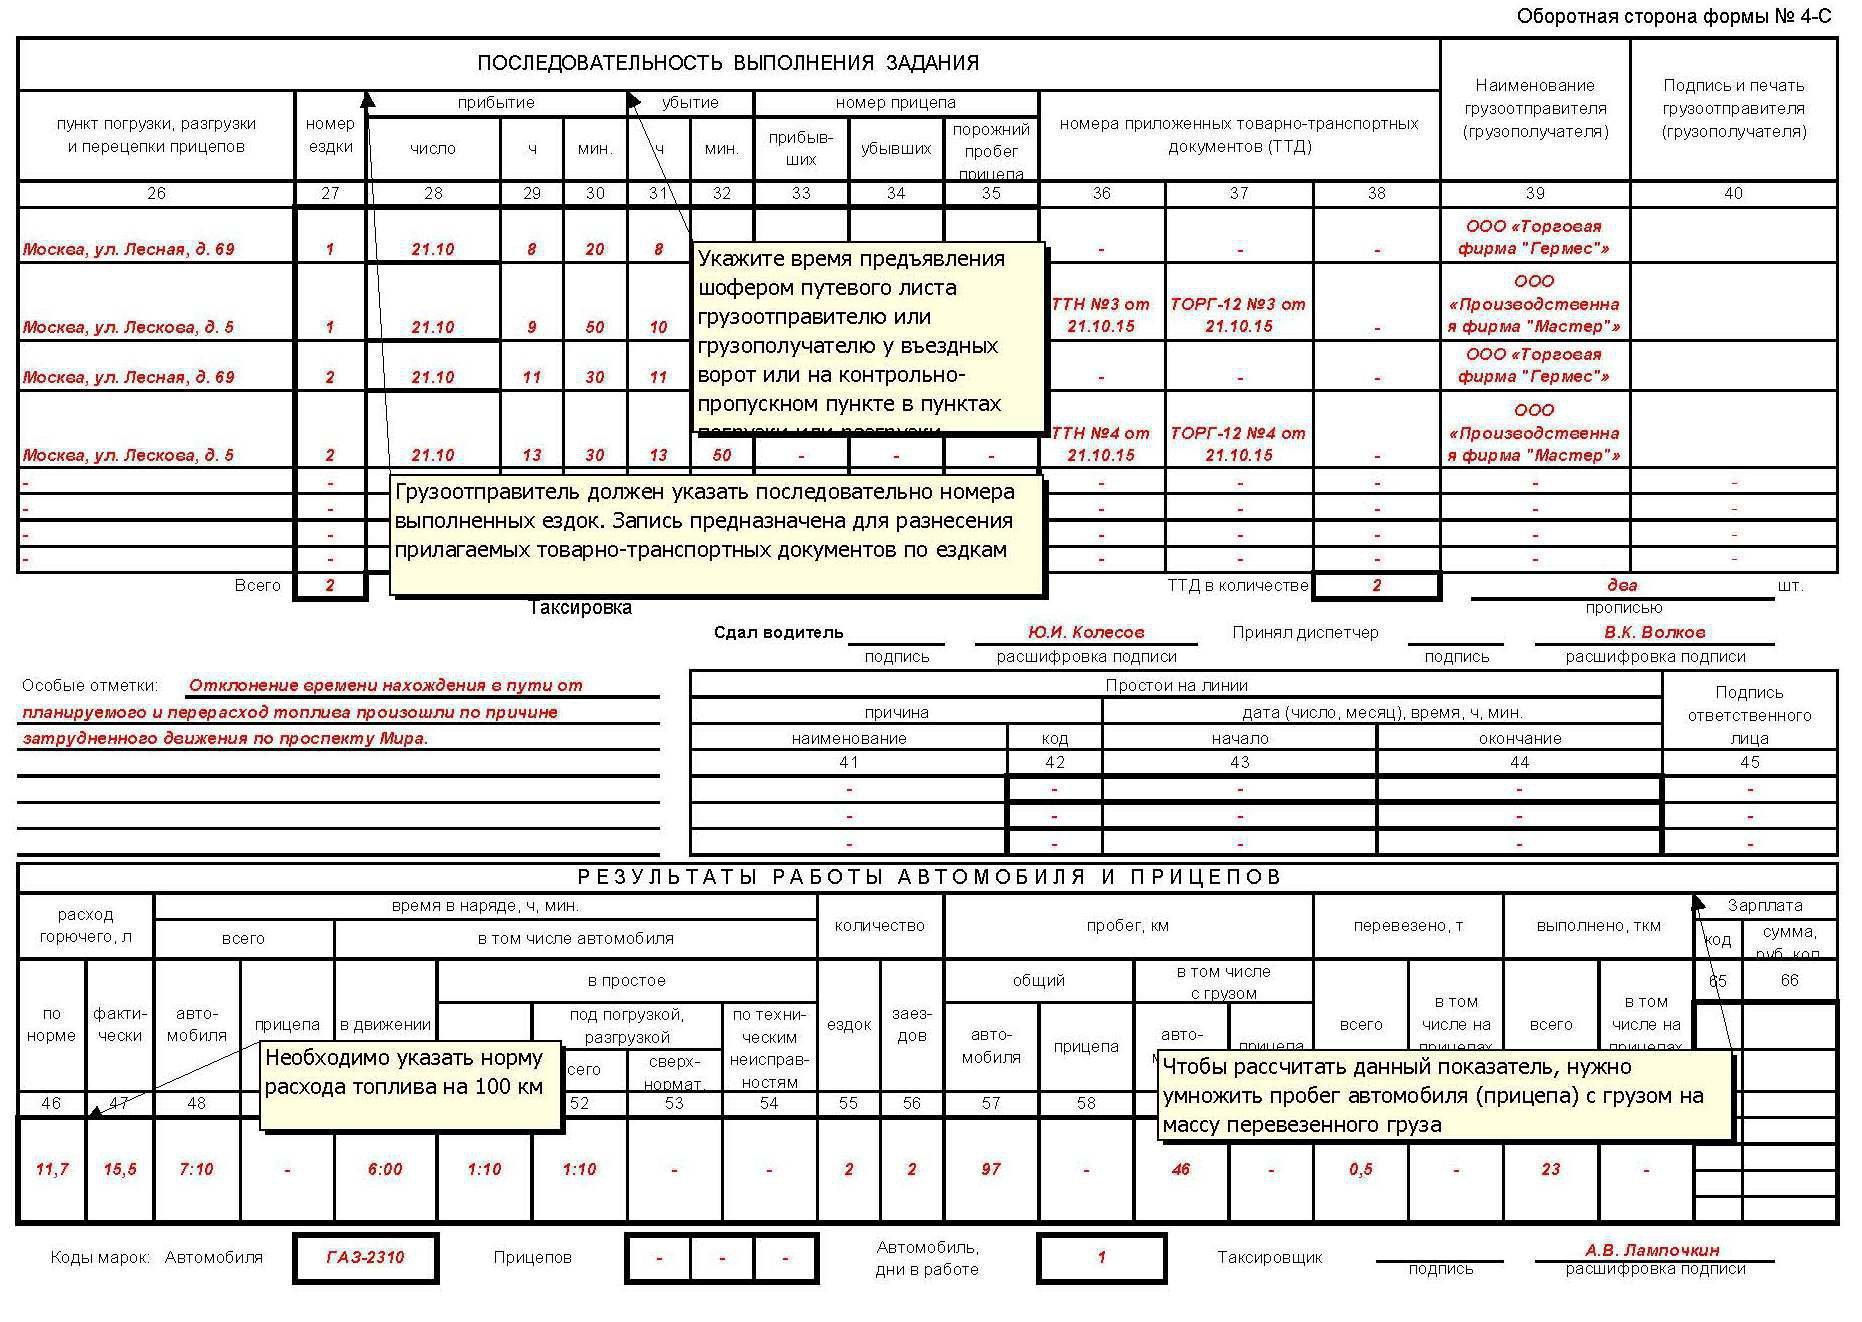 Путевой лист грузового автомобиля образец заполнения форма 4-с